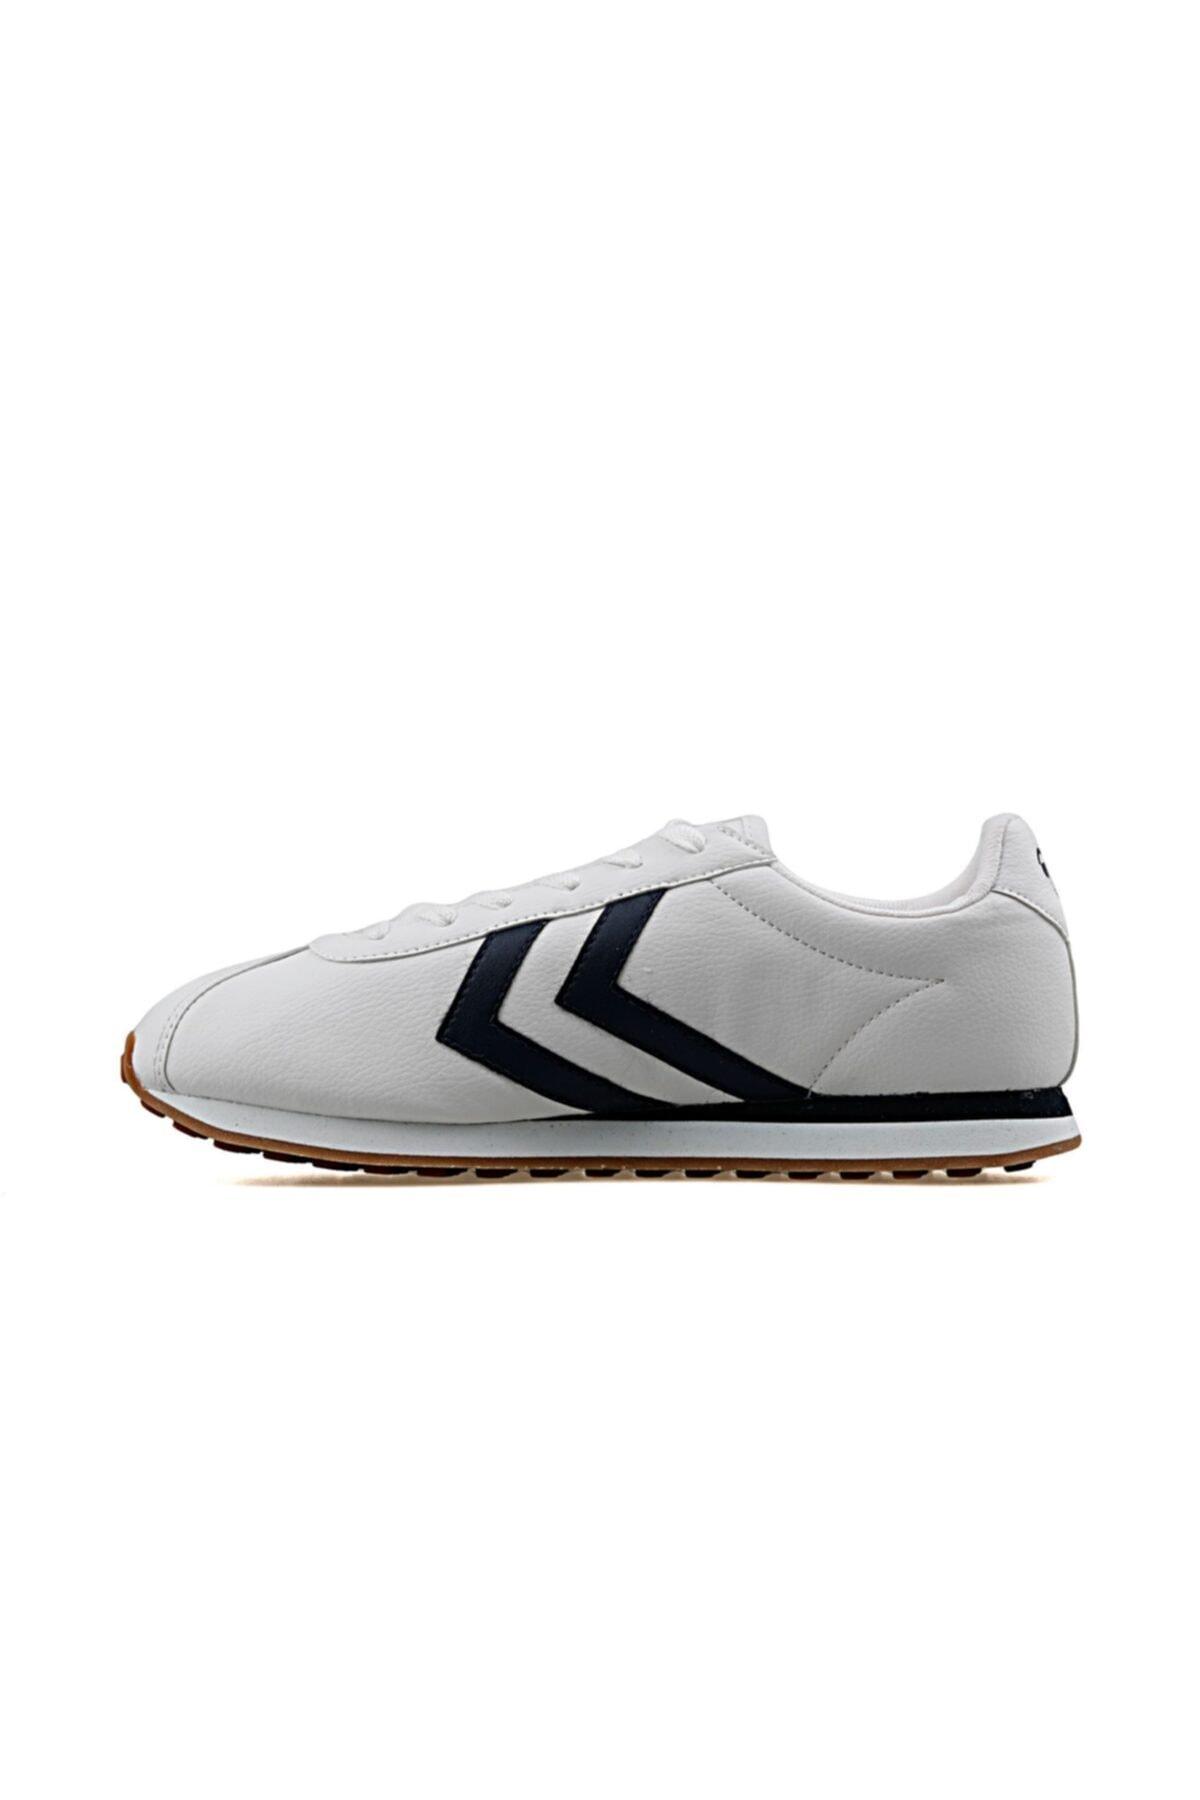 HUMMEL Unisex Beyaz Spor Ayakkabı - Hmlray Spor Ayakkabı 2